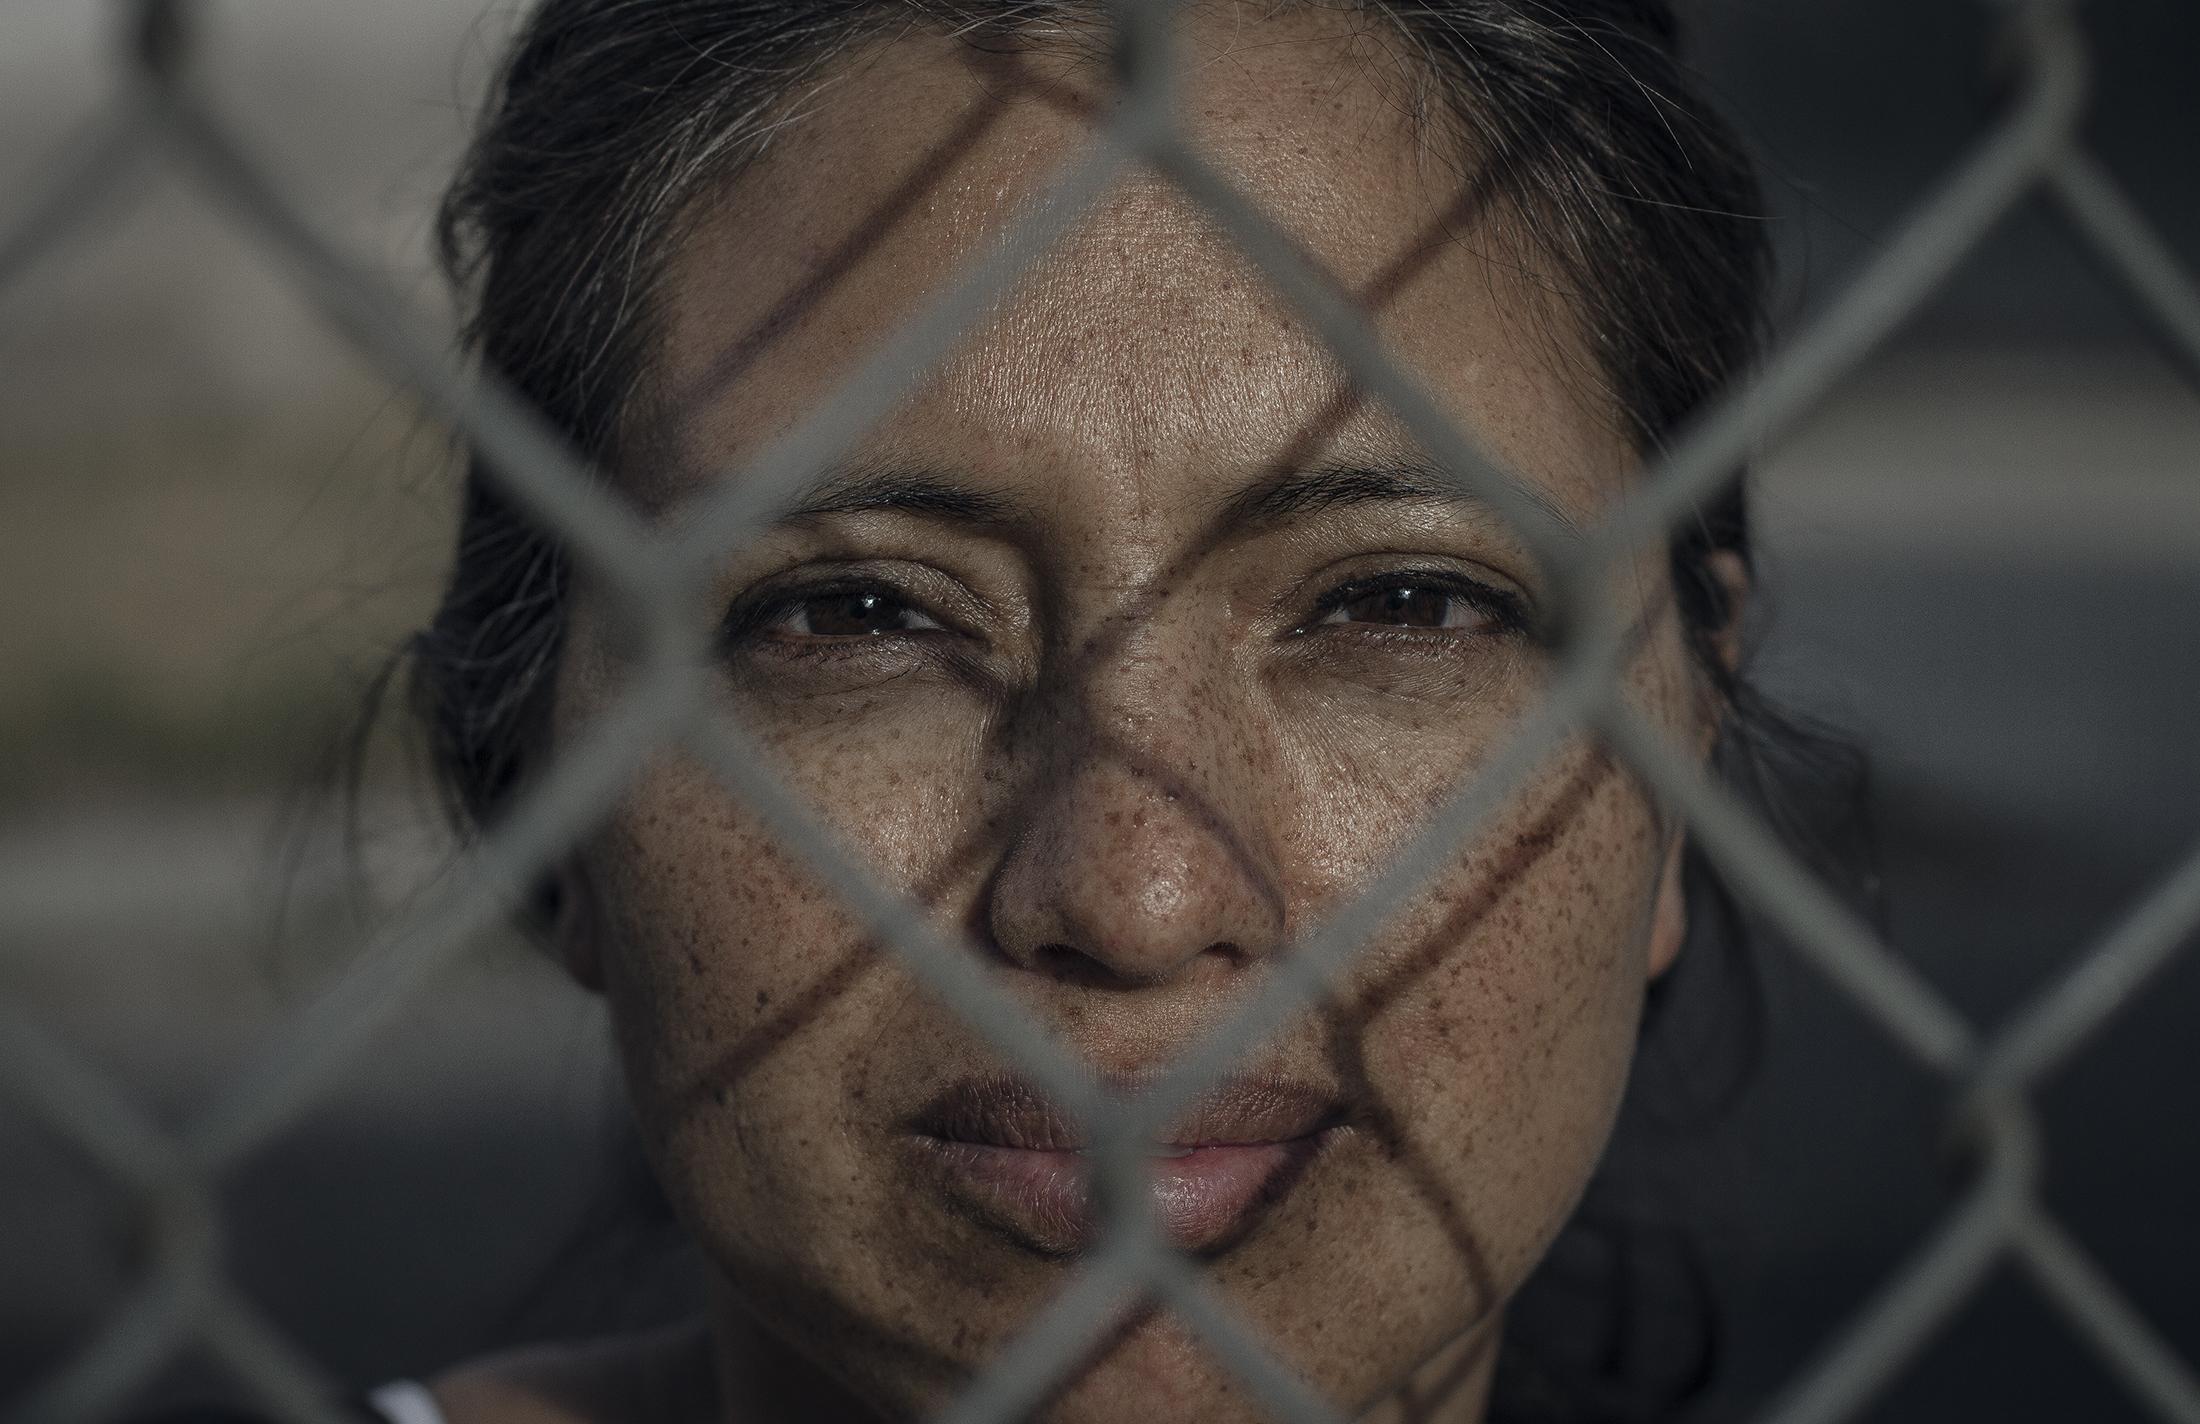 La violencia de género es una necesidad urgente que hay que mostrar en imágenes, visibilizar y romper el silencio. En Ecuador 6 de cada 10 mujeres sufren algún tipo de violencia física, sexual, psicológica, emocional, económica o son victimas de feminicidio. Esta realidad tiene que ser mostrada y debatida para encontrar maneras de salir de ella. Esta serie retrata a mujeres que han sido victimas de violencia y que han decidido contar su historia, porque sucede cuando callamos. Betty Jaramillo, su hija de 17 años fue victima de feminicidio por parte de dos vecinos a pocas cuadras de su casa.